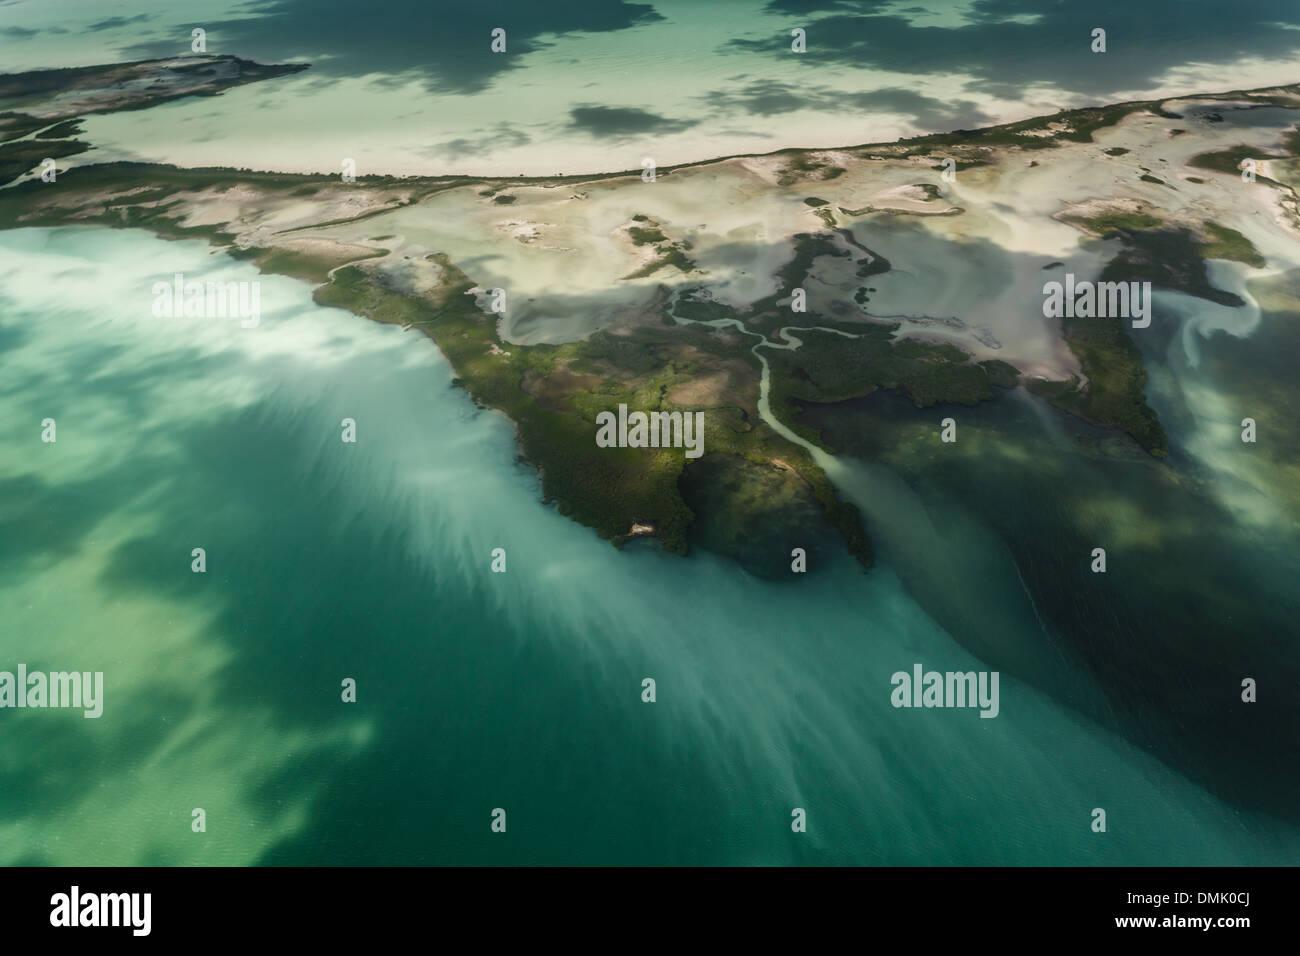 Limo e correre fuori dall' isola di streak l'oceano con inquinamento e minacciano la fragile barriera corallina ecosistema Immagini Stock